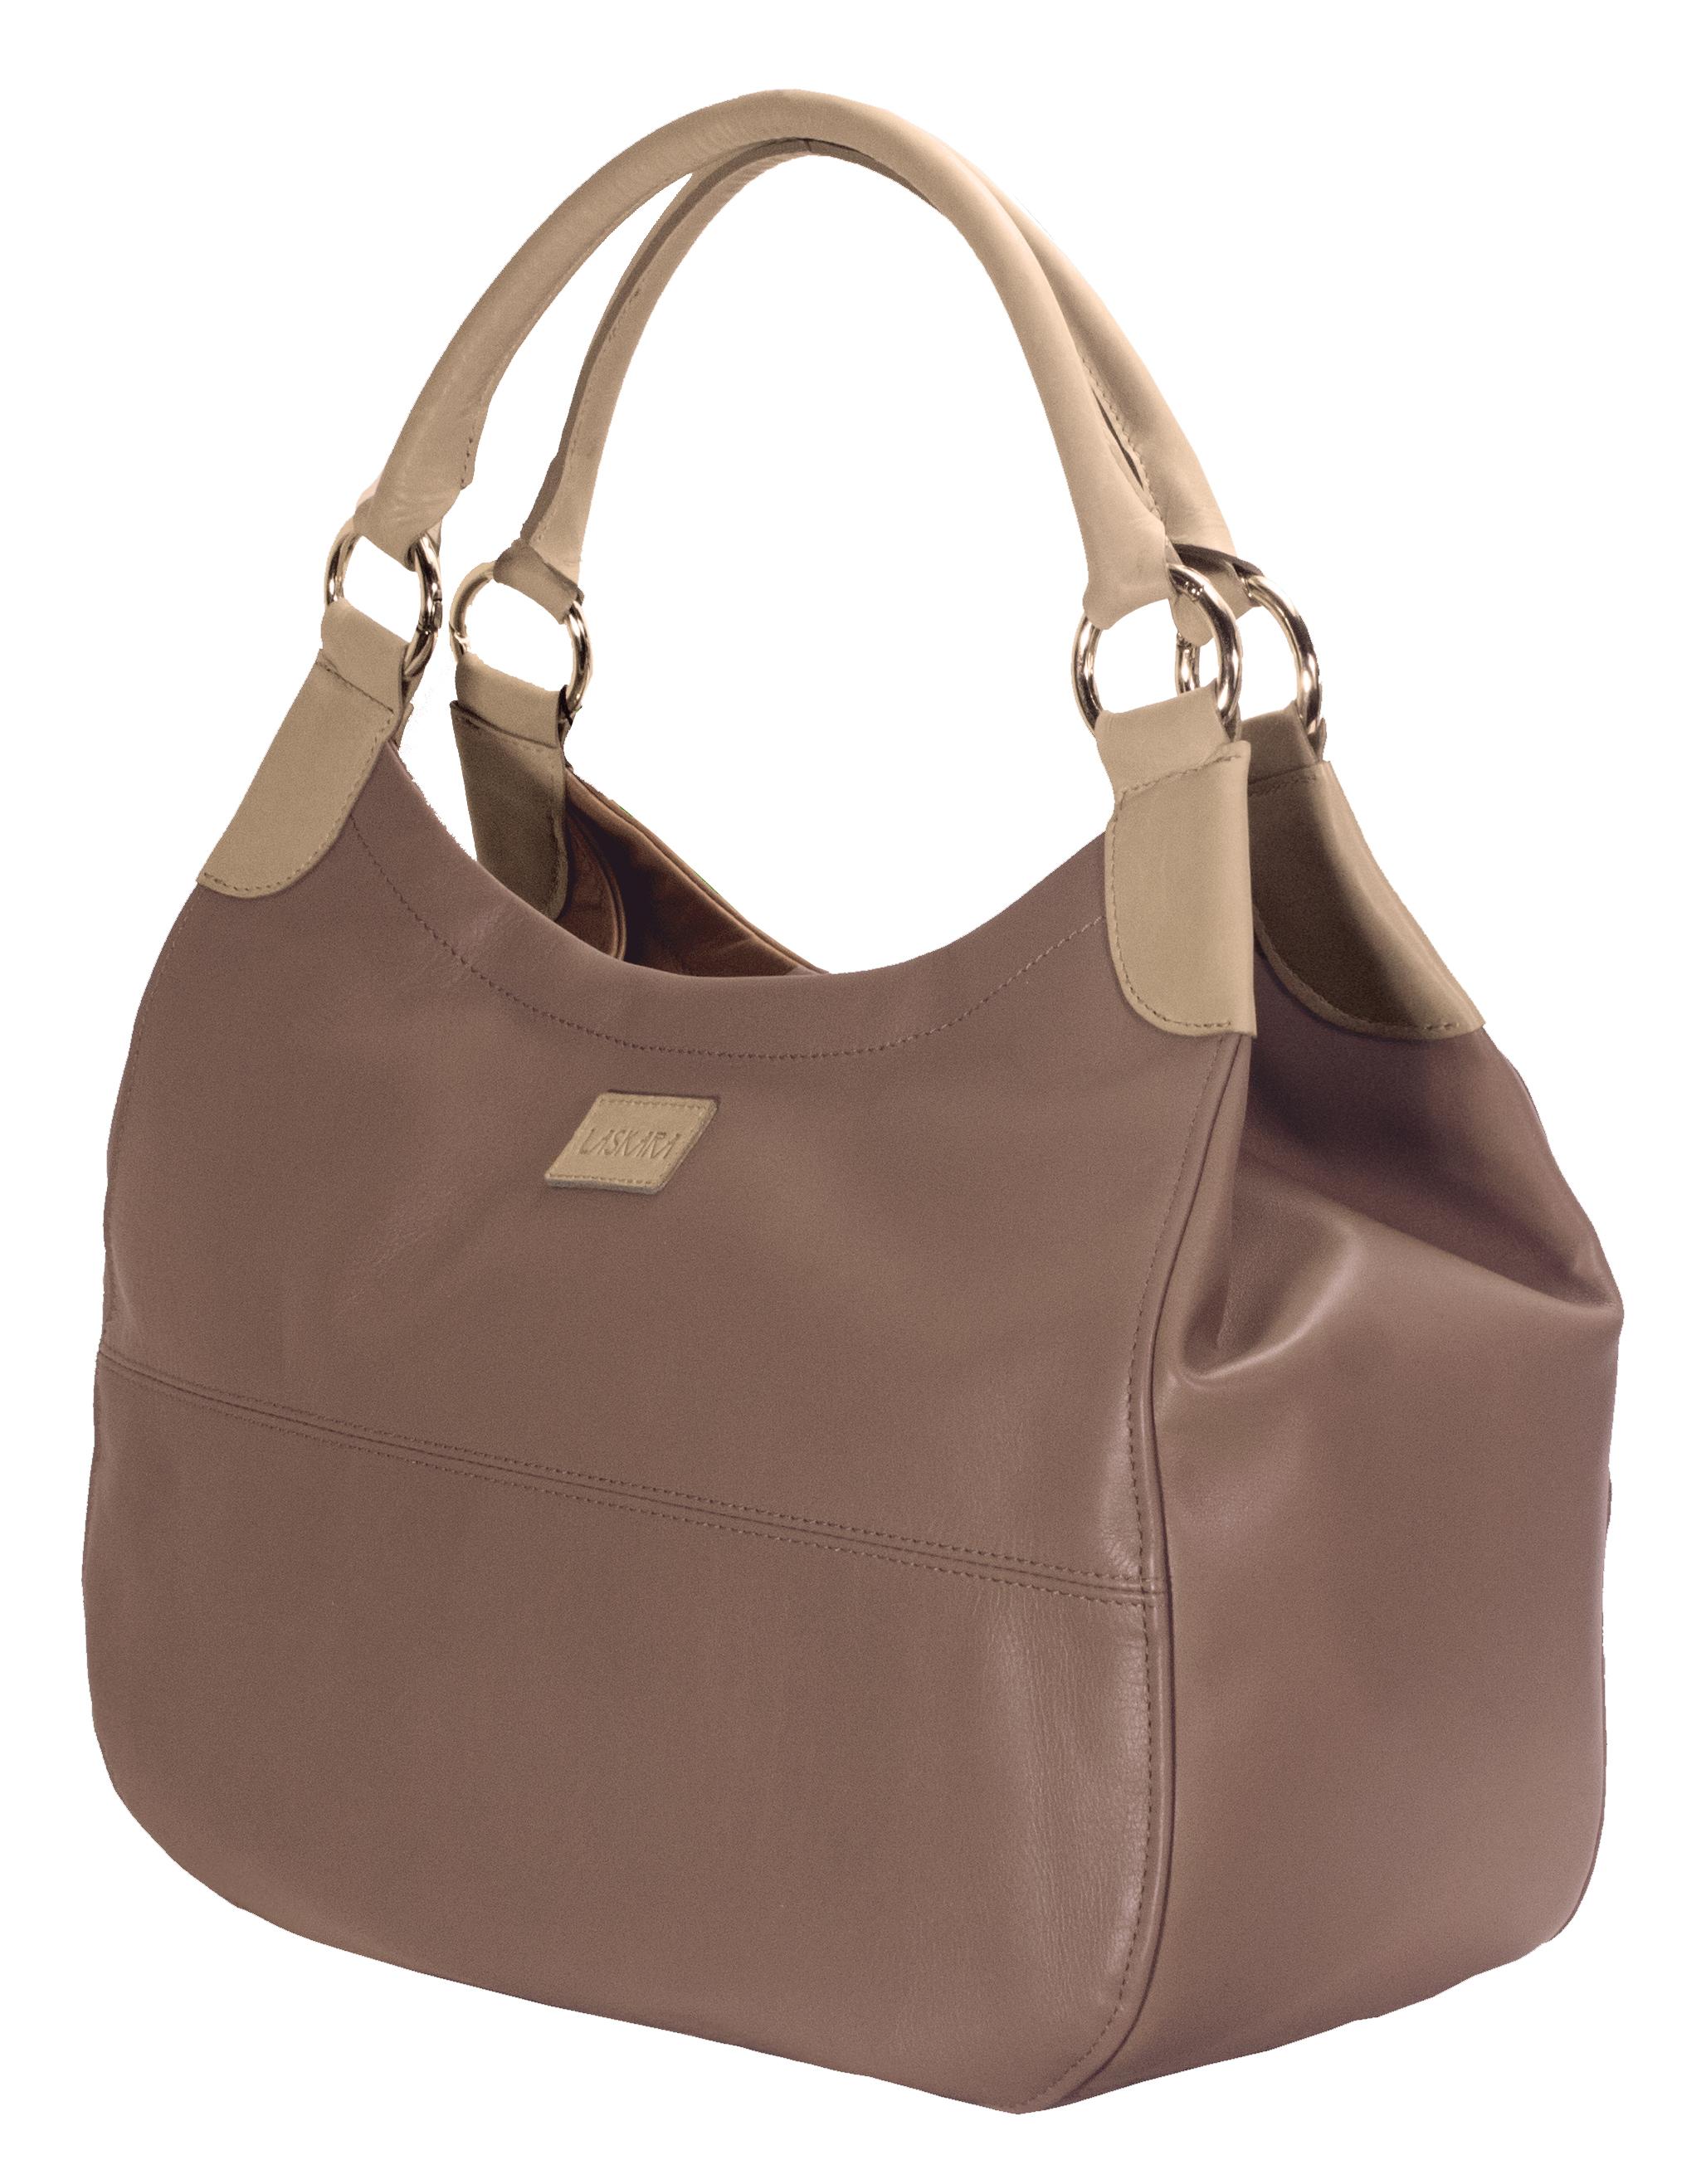 Hnědá kožená kabelka s béžovými detaily 11-DS260-lt.brown - boční pohled_